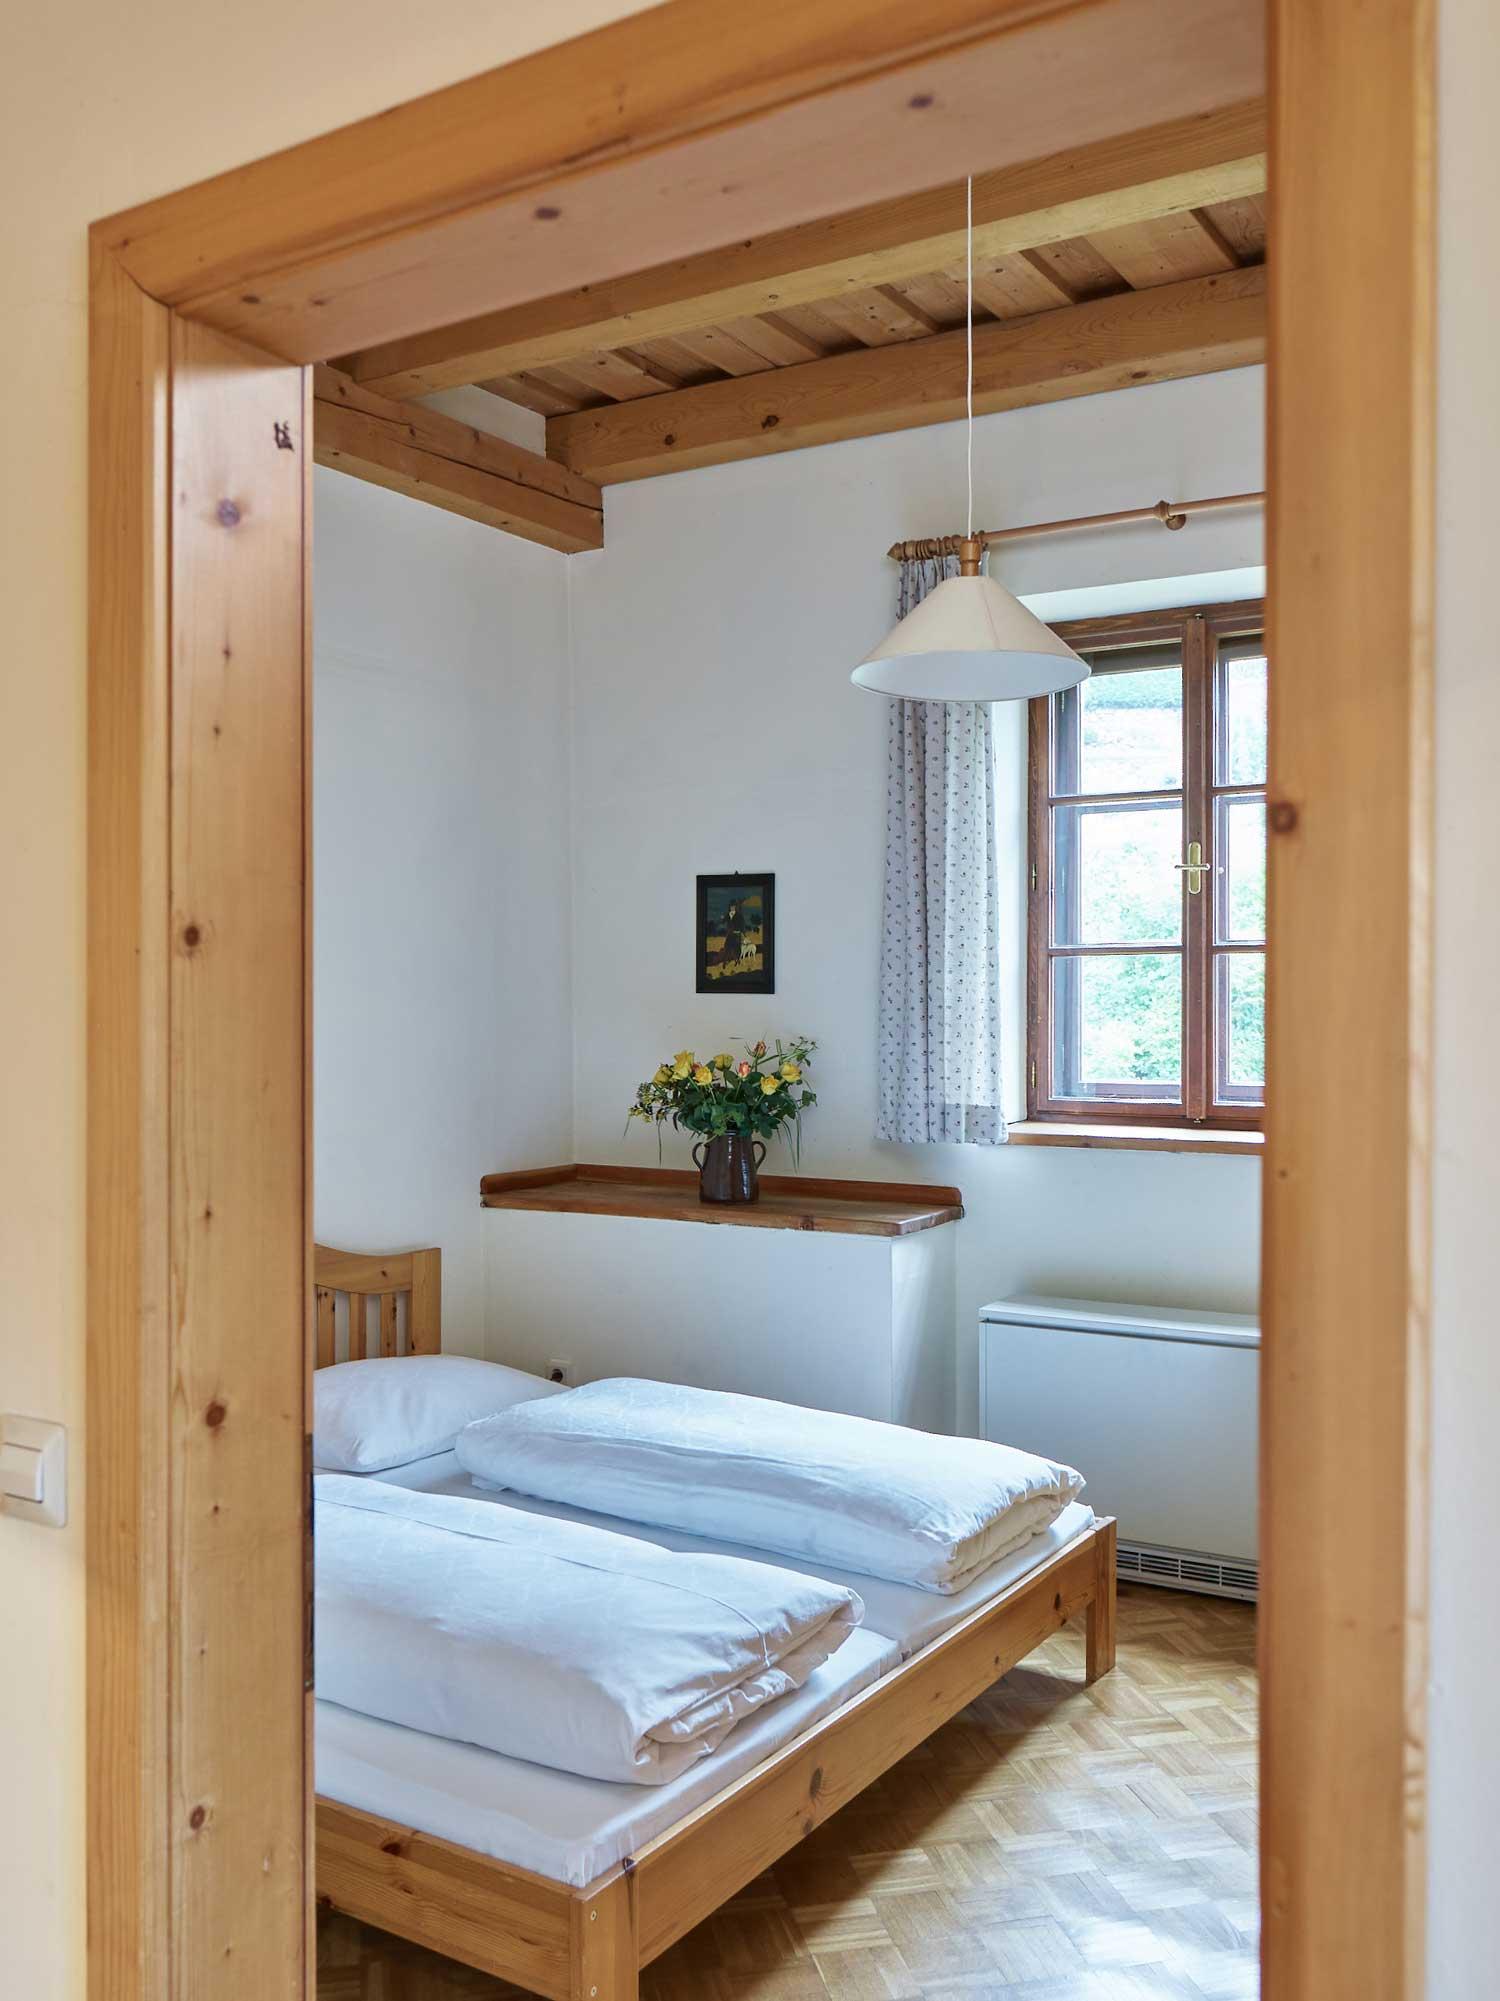 gaestewohnung-kirchenblick-schlafzimmer.jpg